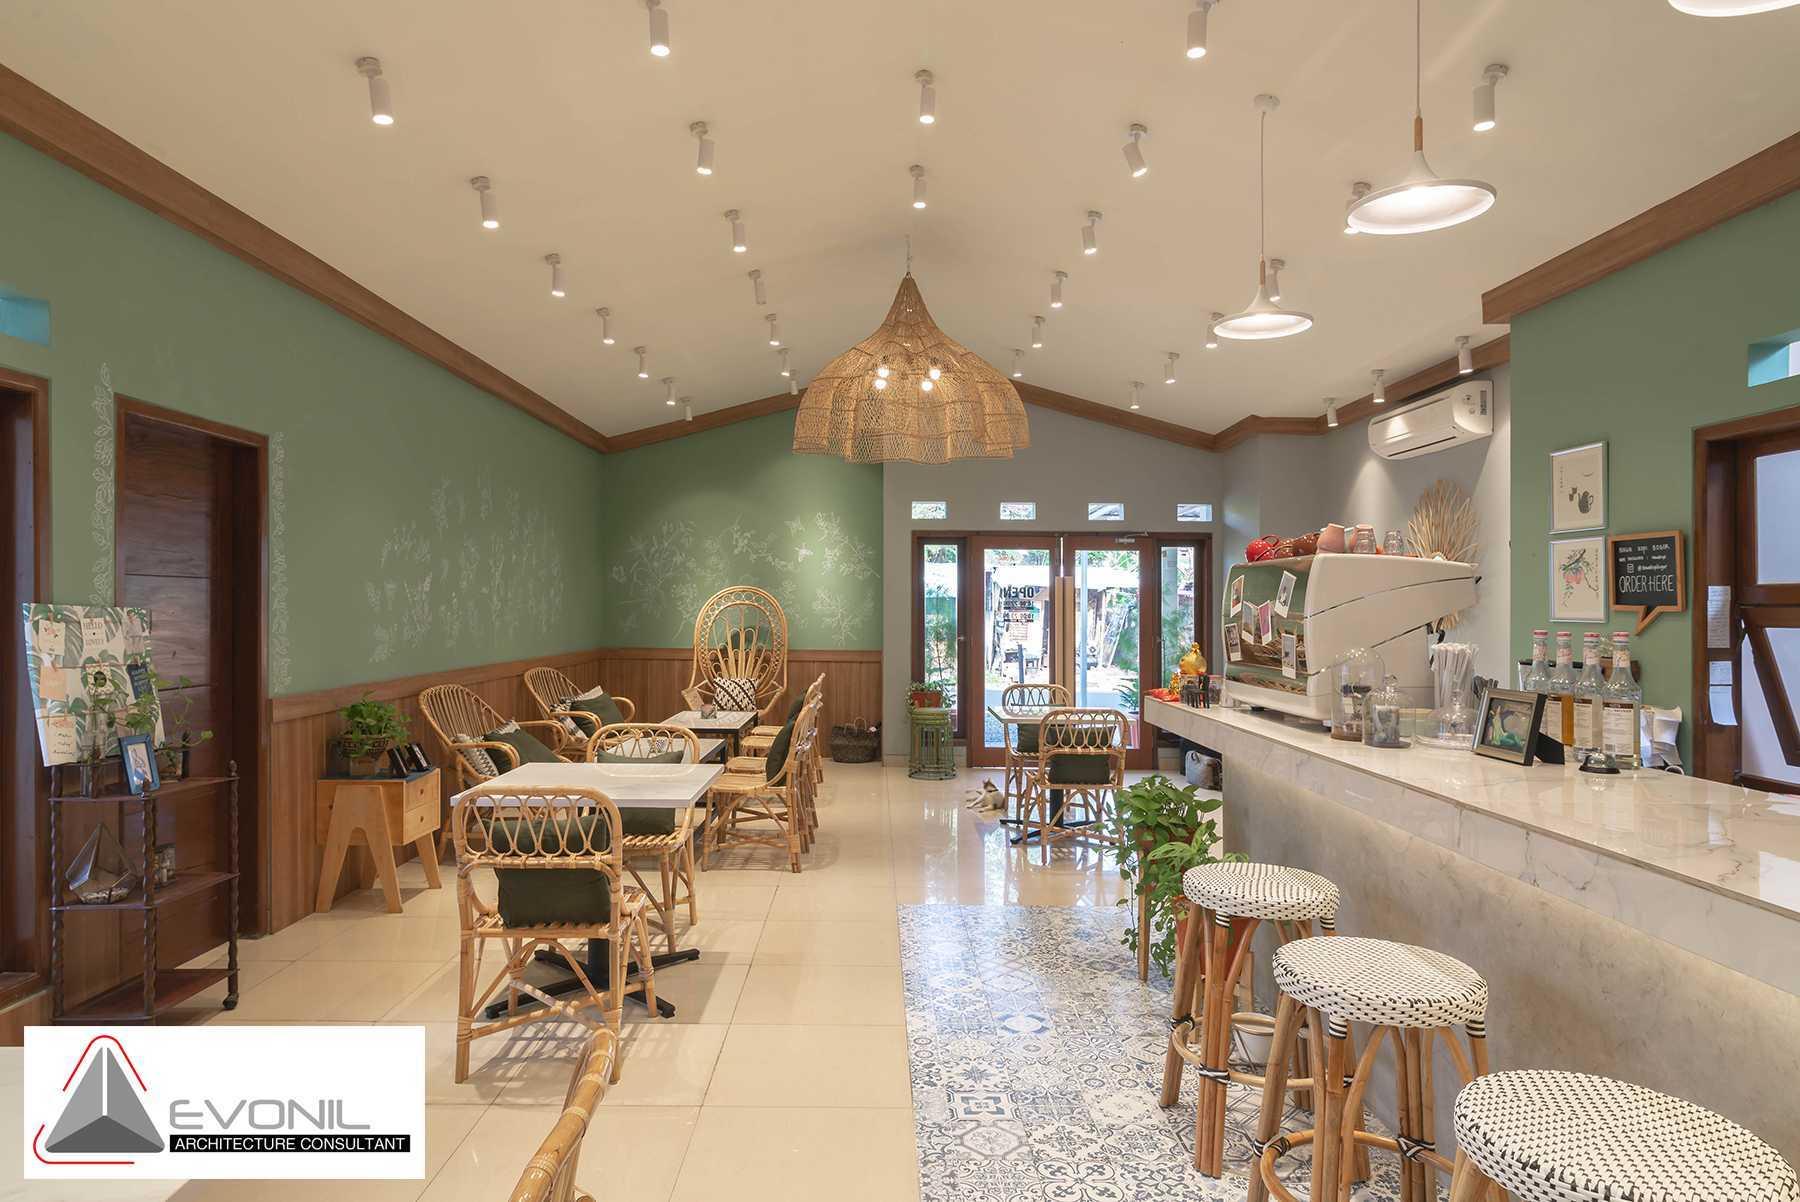 Evonil Architecture Nawa Kopi Coffeshop & Brunch - Bogor Bogor, Jawa Barat, Indonesia Bogor, Jawa Barat, Indonesia Evonil-Architecture-Nawa-Kopi-Coffeshop-Brunch-Bogor  60262